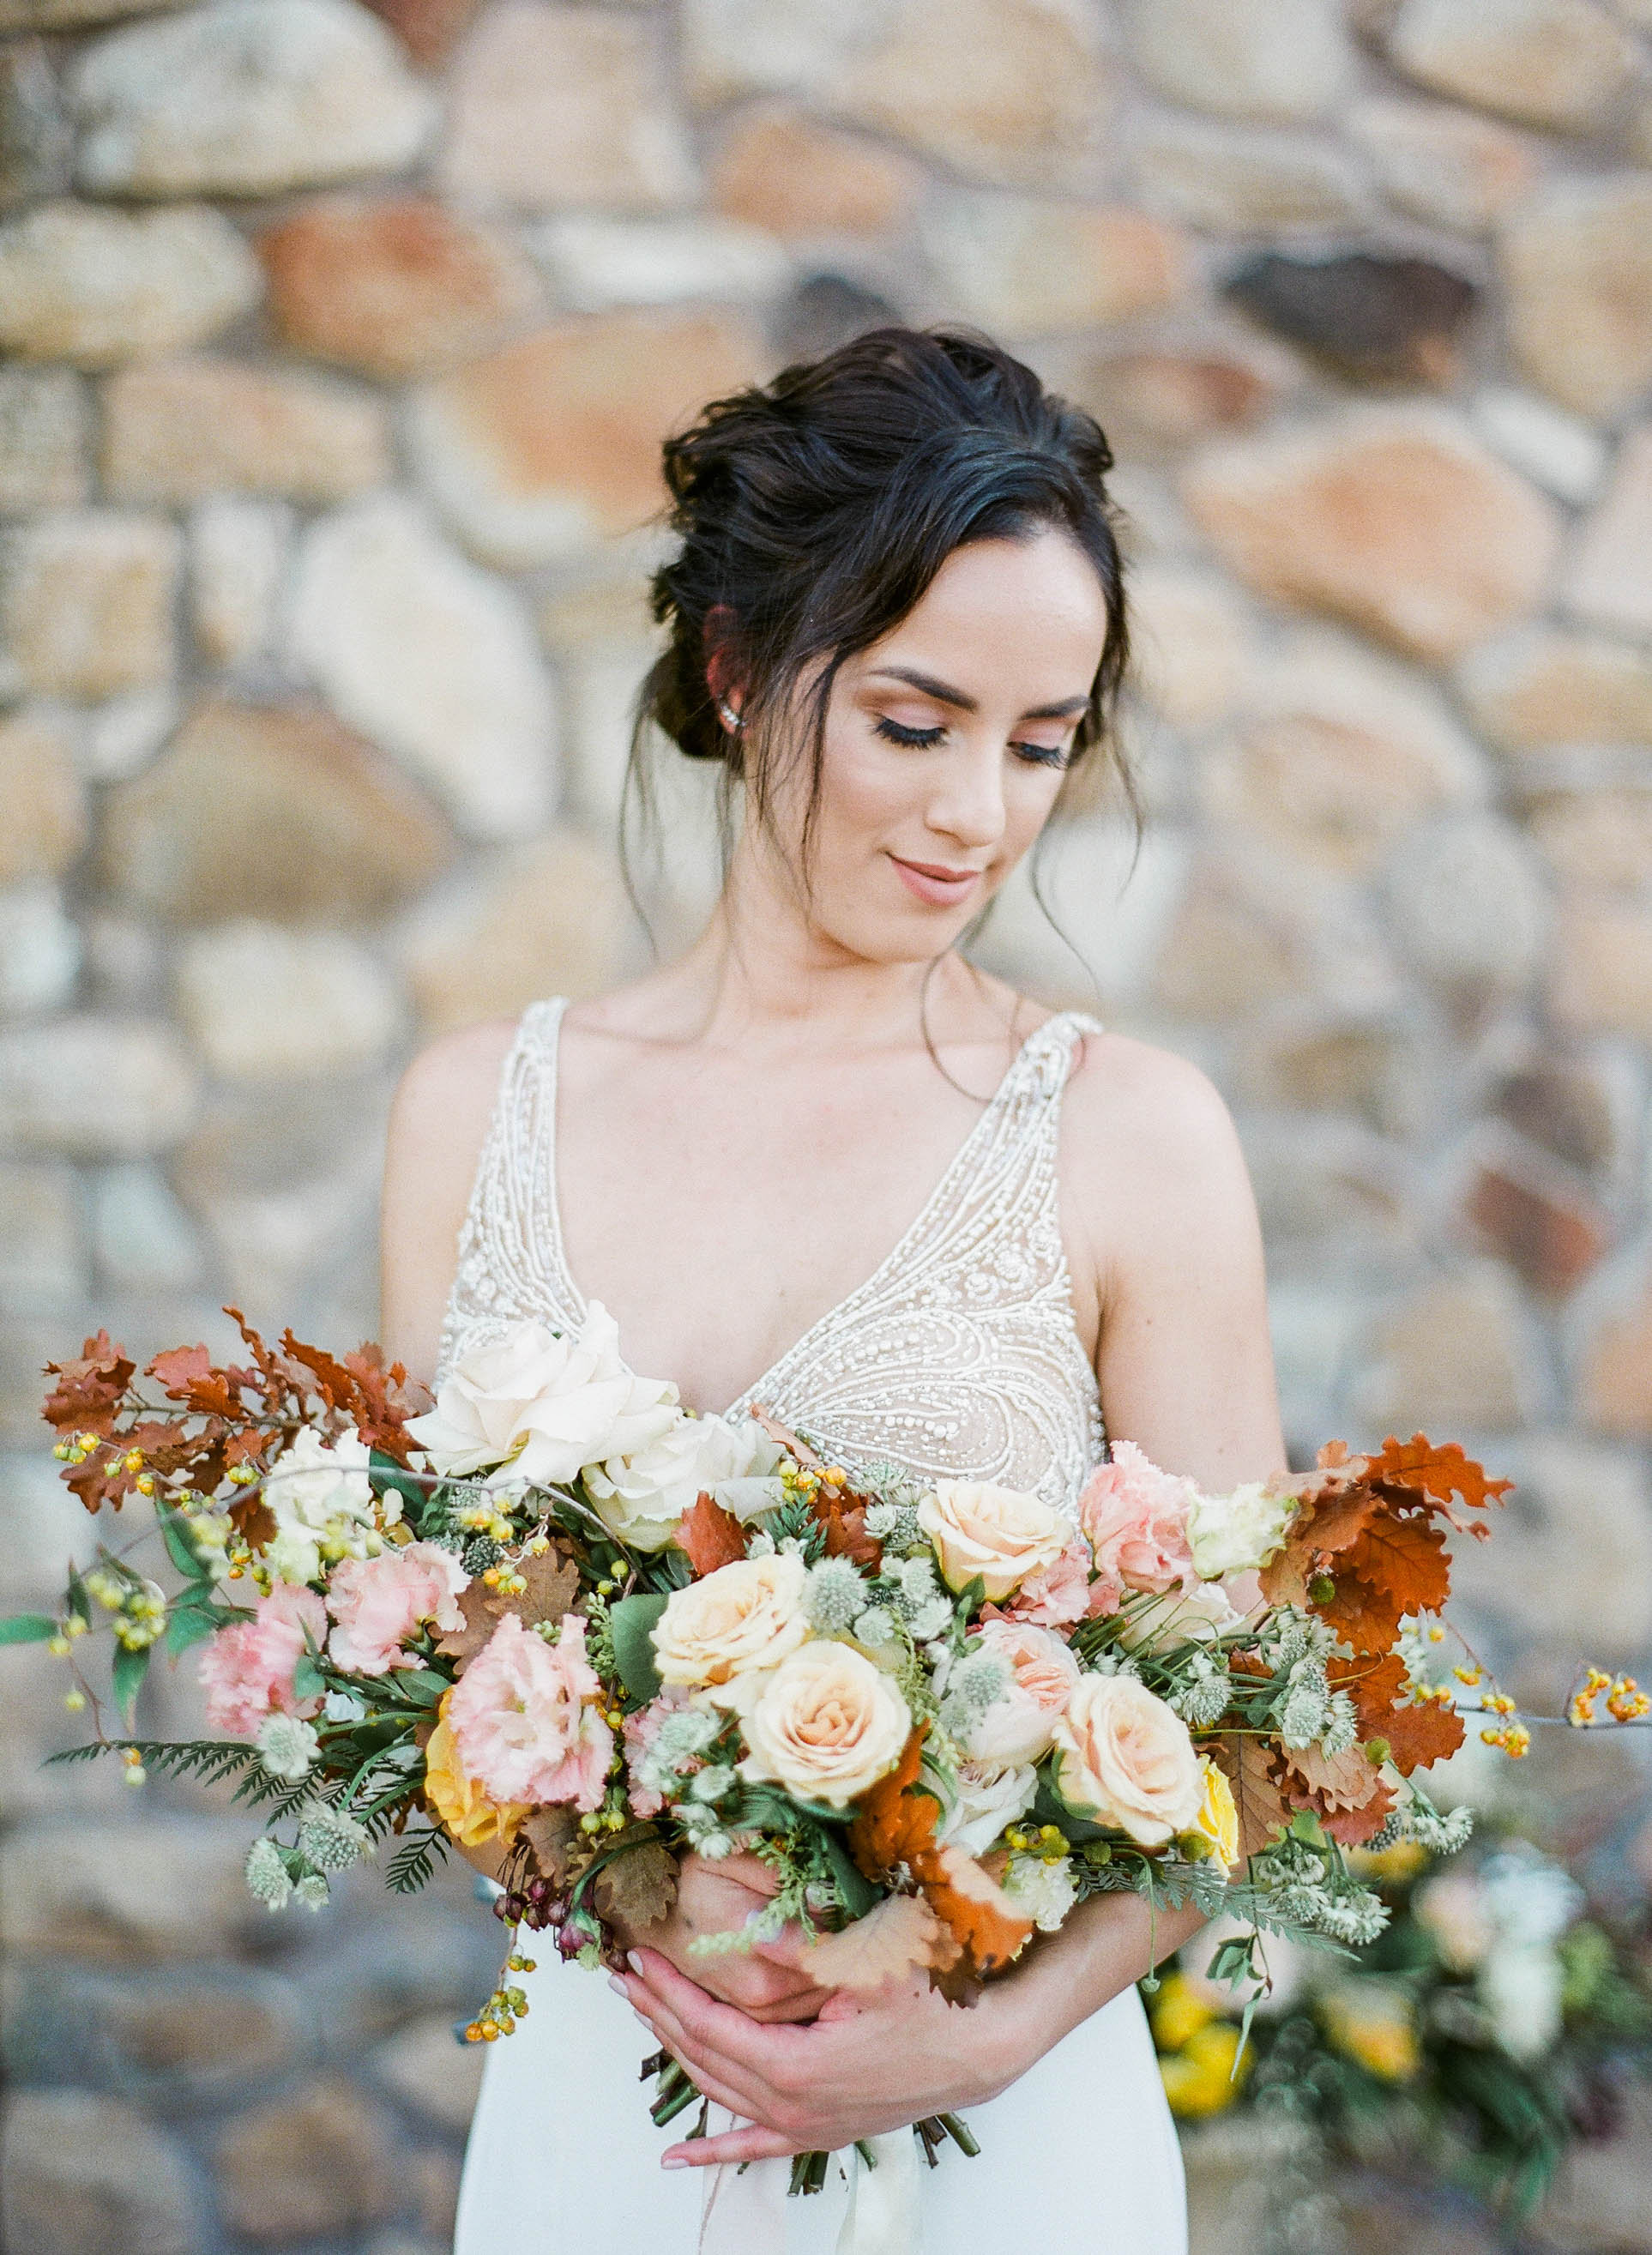 Fall Wedding | Fall Wedding Inspiration | Fall Bridal Bouquet | Yellow and Brown wedding | Ashley Nystrom | Wedding Blog | Fine Art Wedding Blog | Canadian Wedding Blog | Wedding Inspiration | Joy Wed